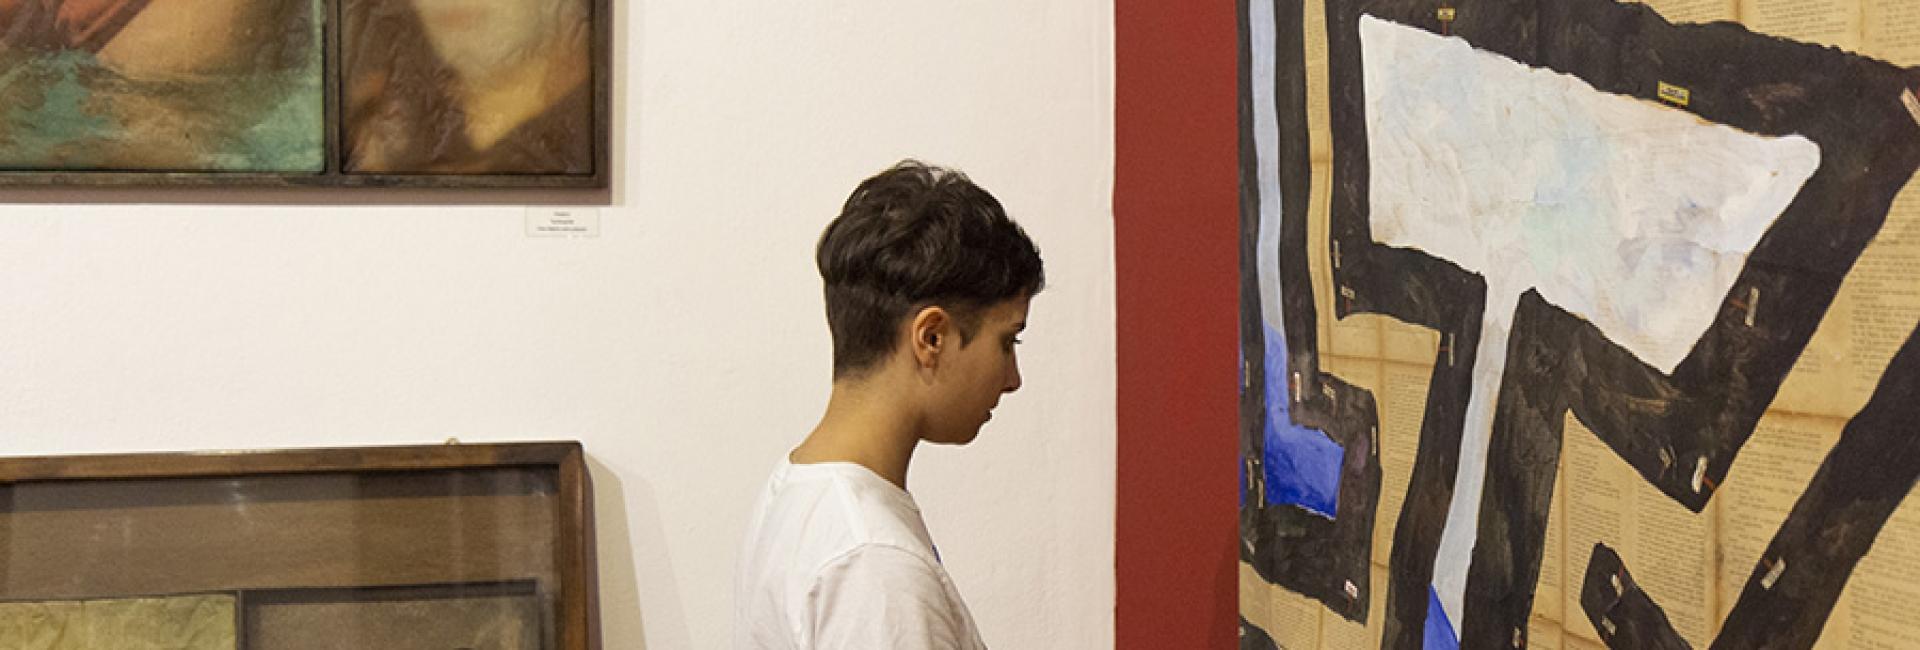 GIRO Circuito de Galerías de Arte |  3º edición  - Galeria CAMP